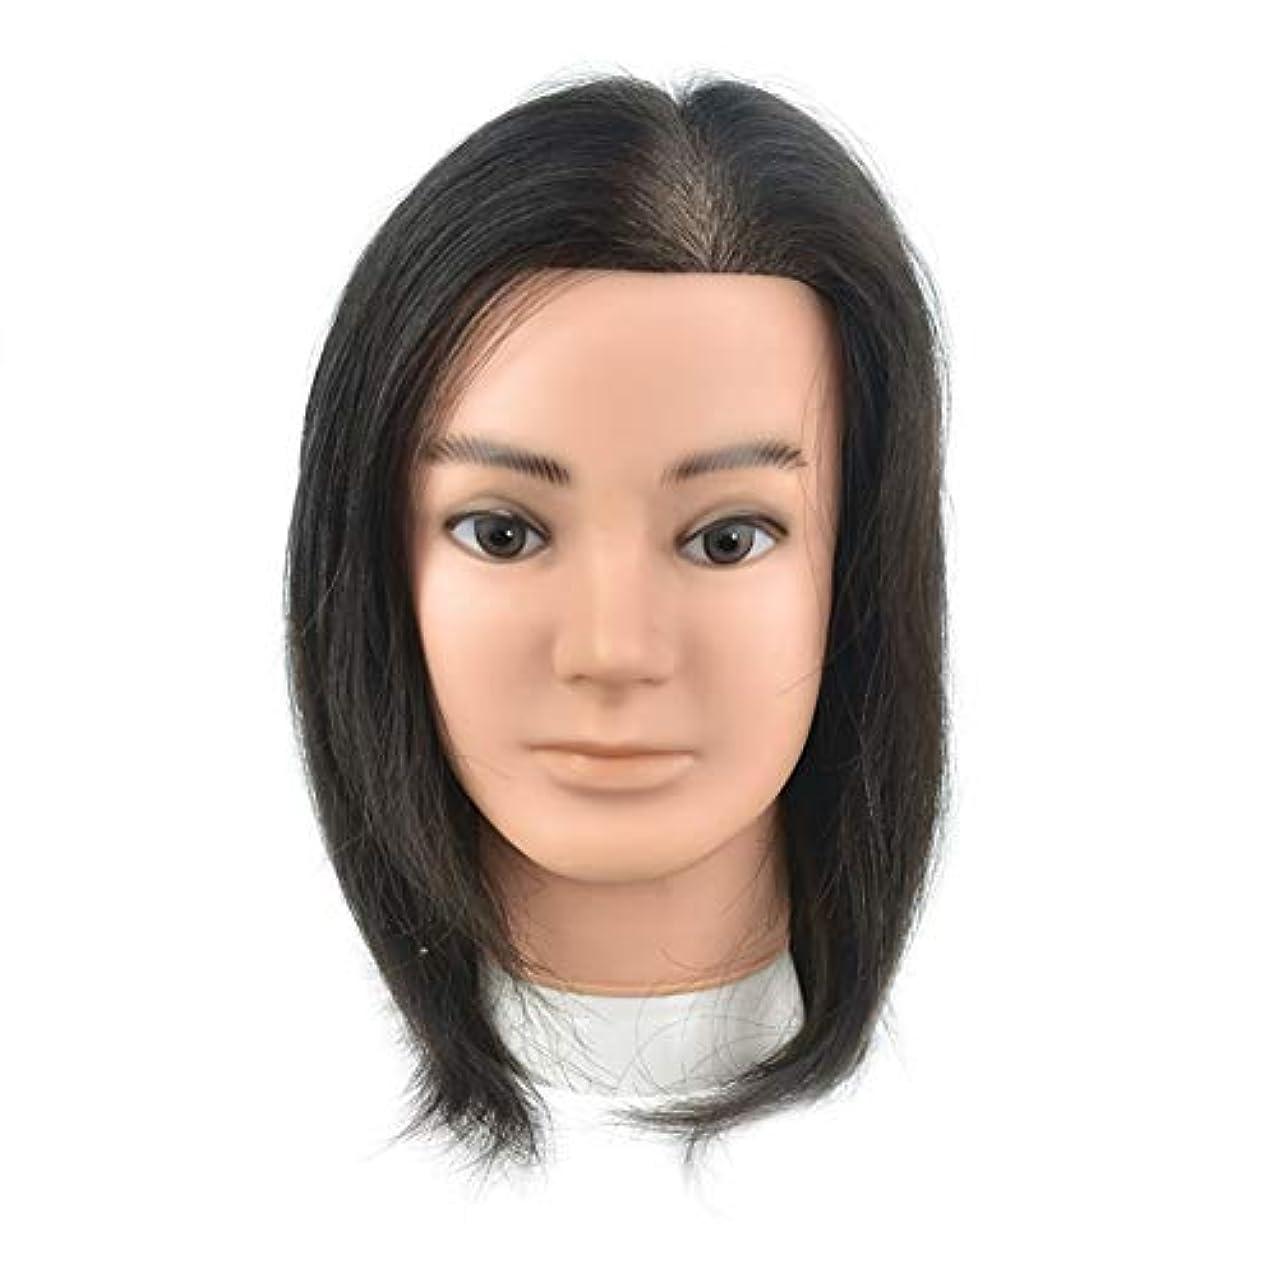 喪広告主それからリアルヘアスタイリングマネキンヘッド女性ヘッドモデル教育ヘッド理髪店編組ヘア染色学習ダミーヘッド